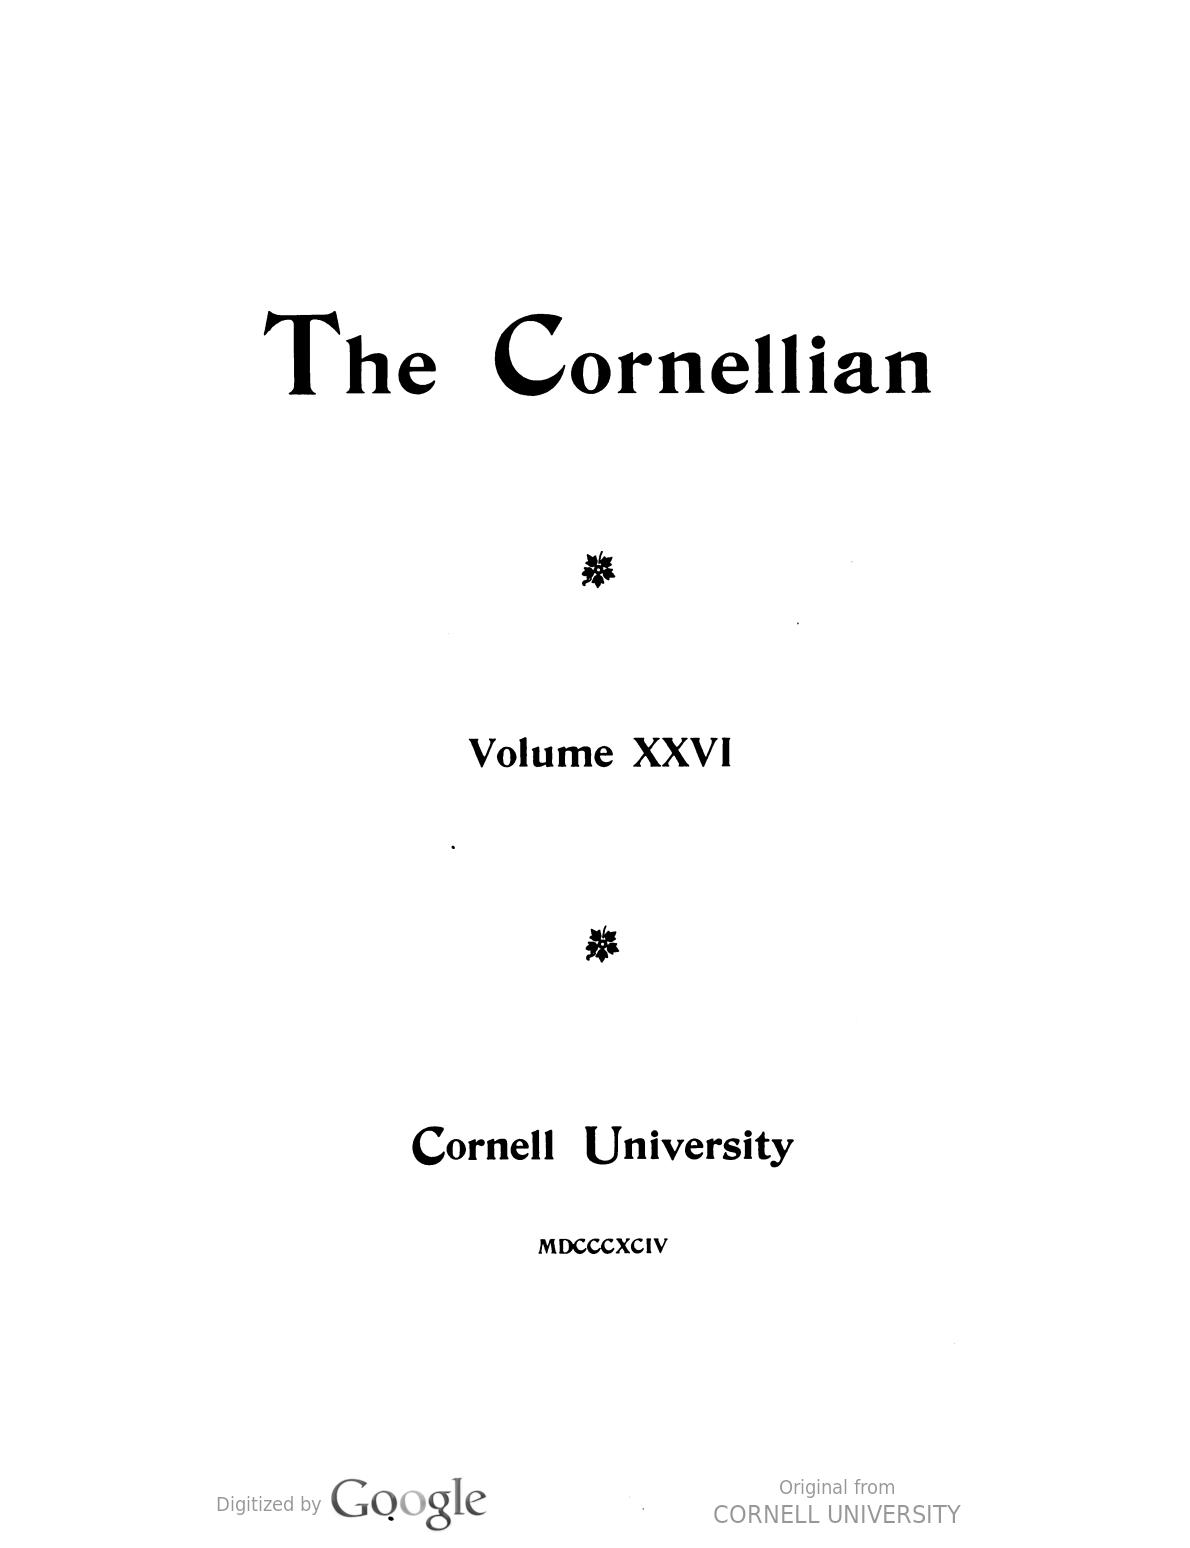 The Cornellian, Vol 26 book image